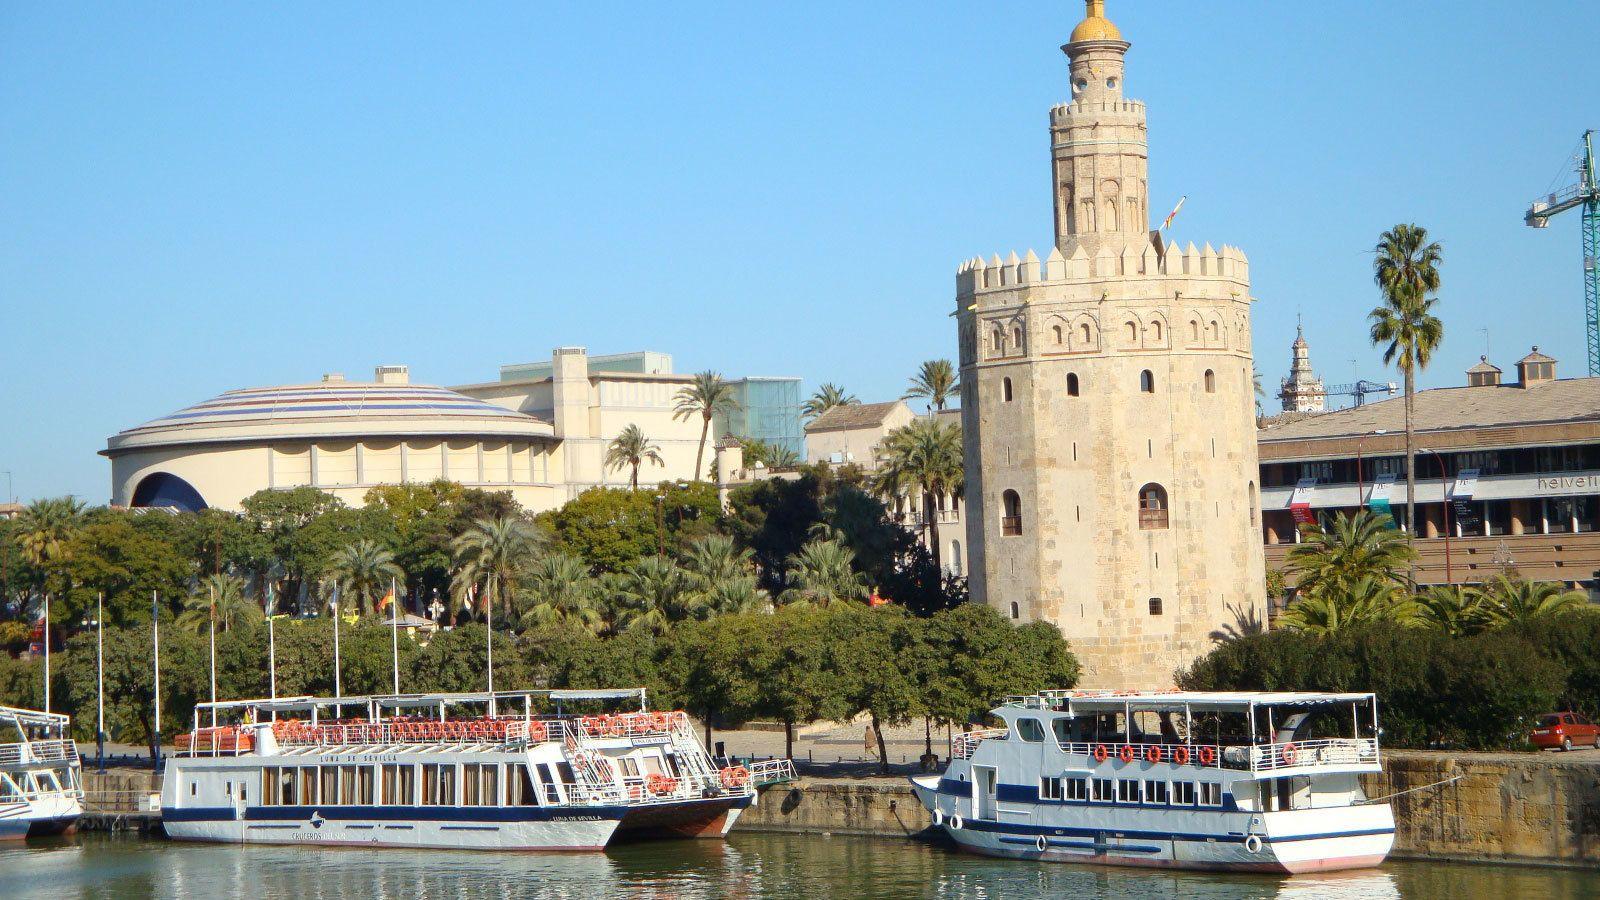 Crucero turístico por el río Guadalquivir